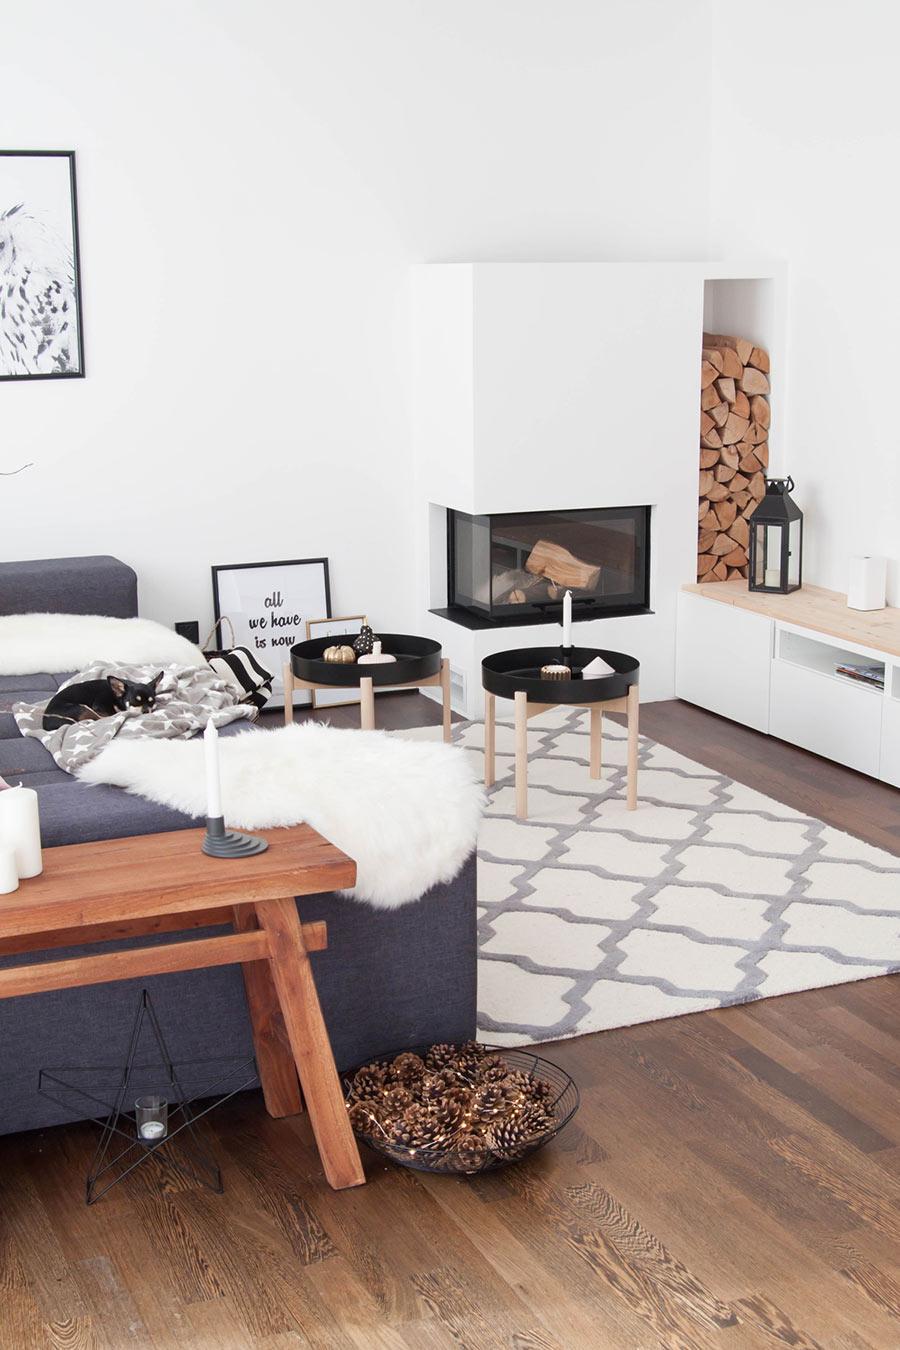 Eckkamin im Wohnzimmer mit Holzlager